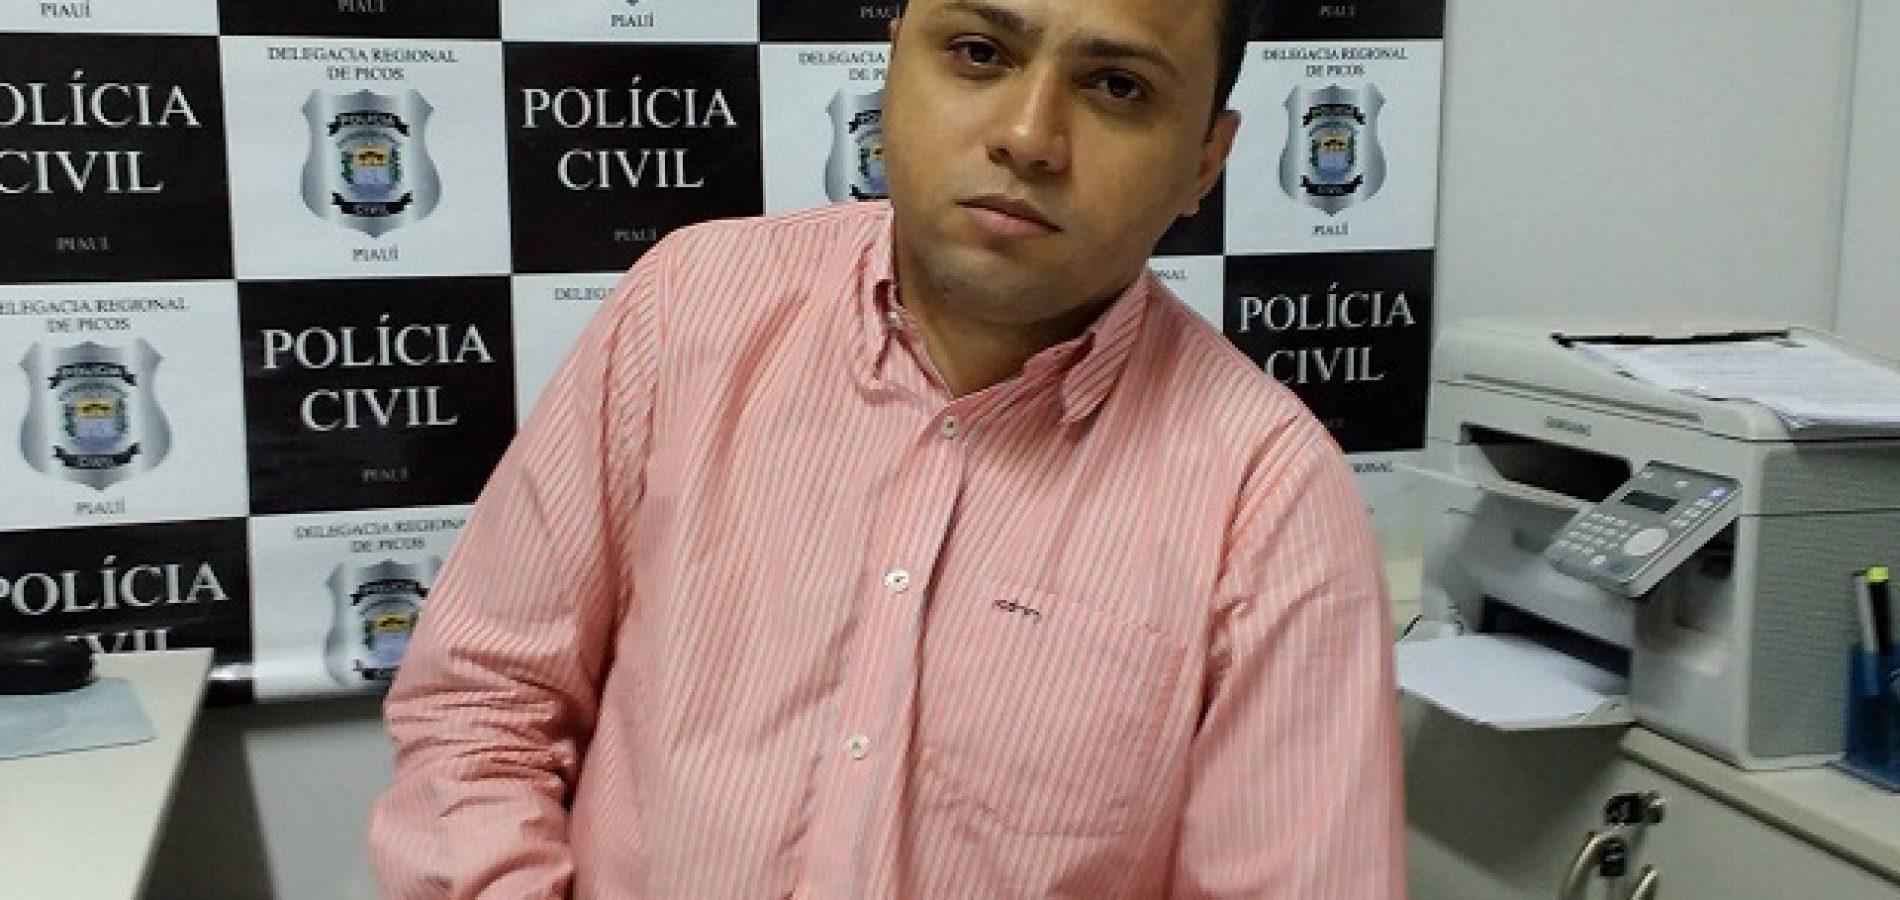 Delegado regional de Picos pode ser transferido